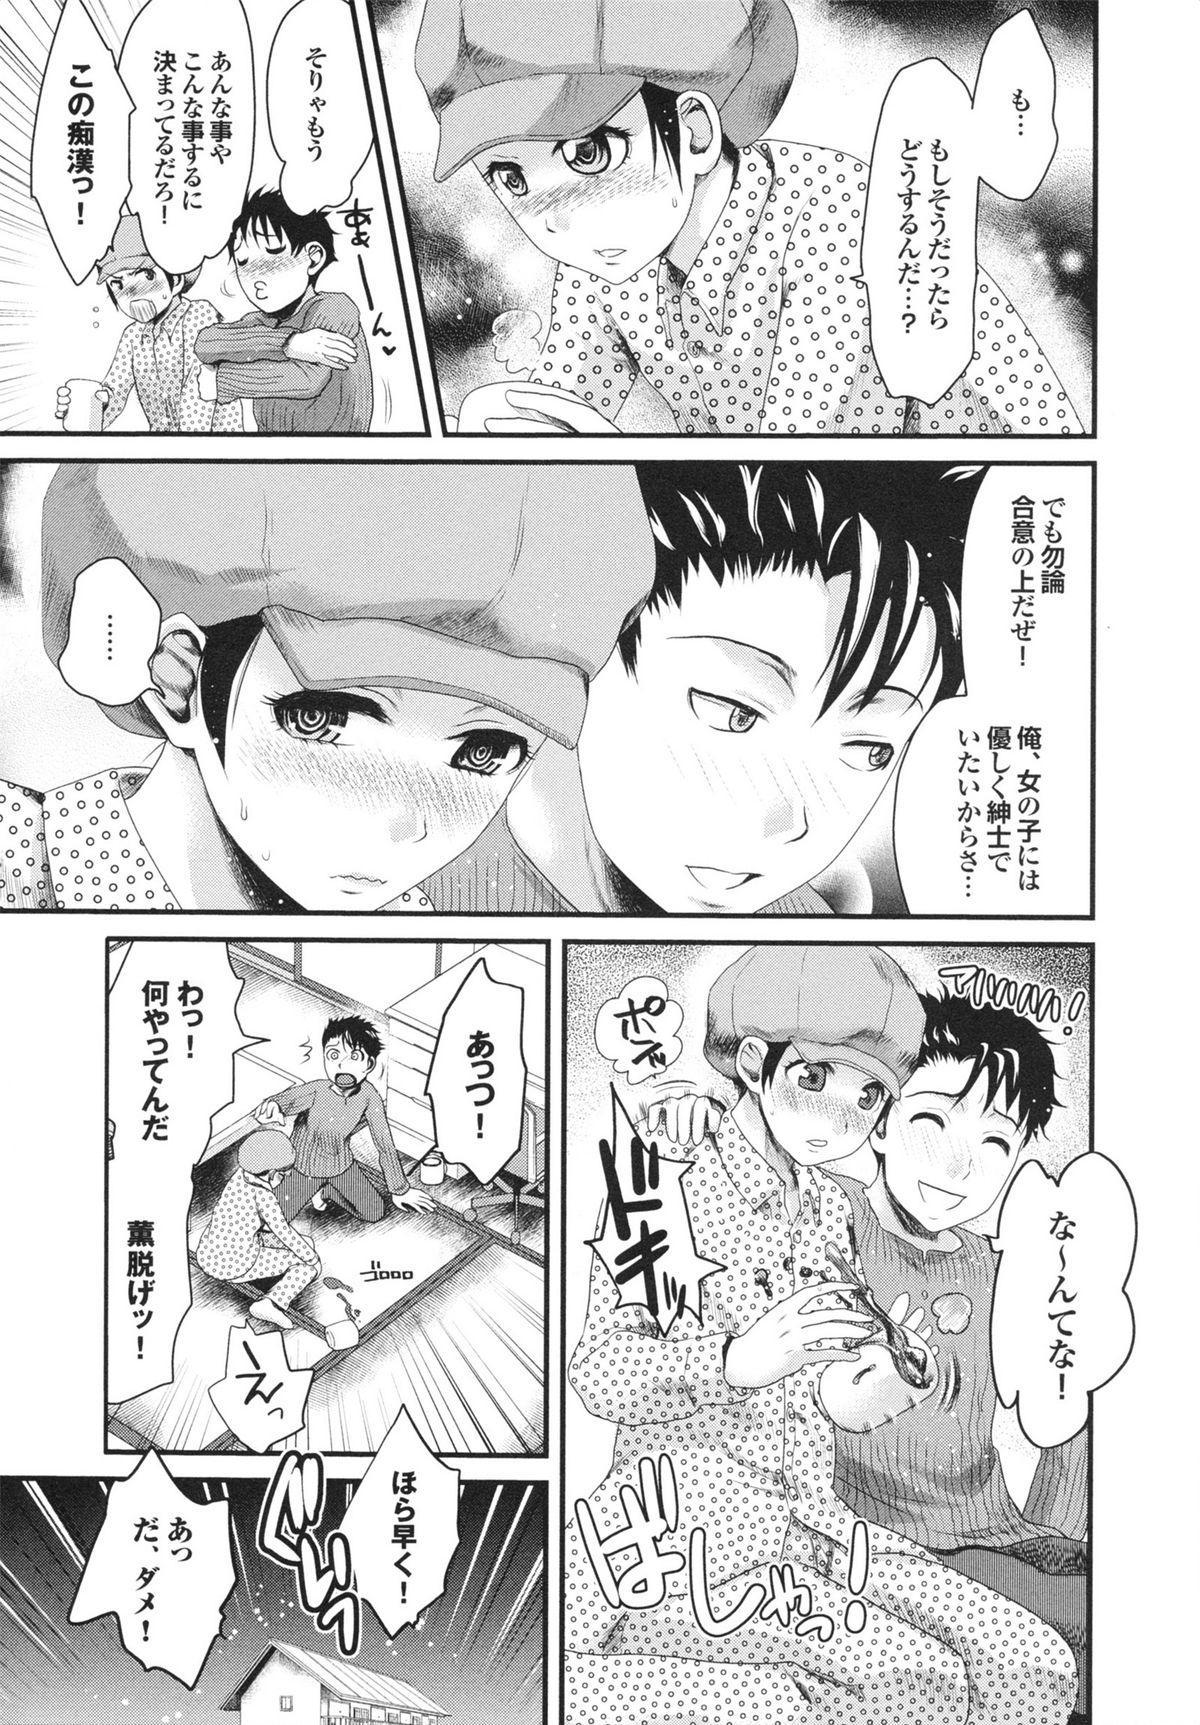 Osananajimi no Mitsutsubo Tsukatte!! 170